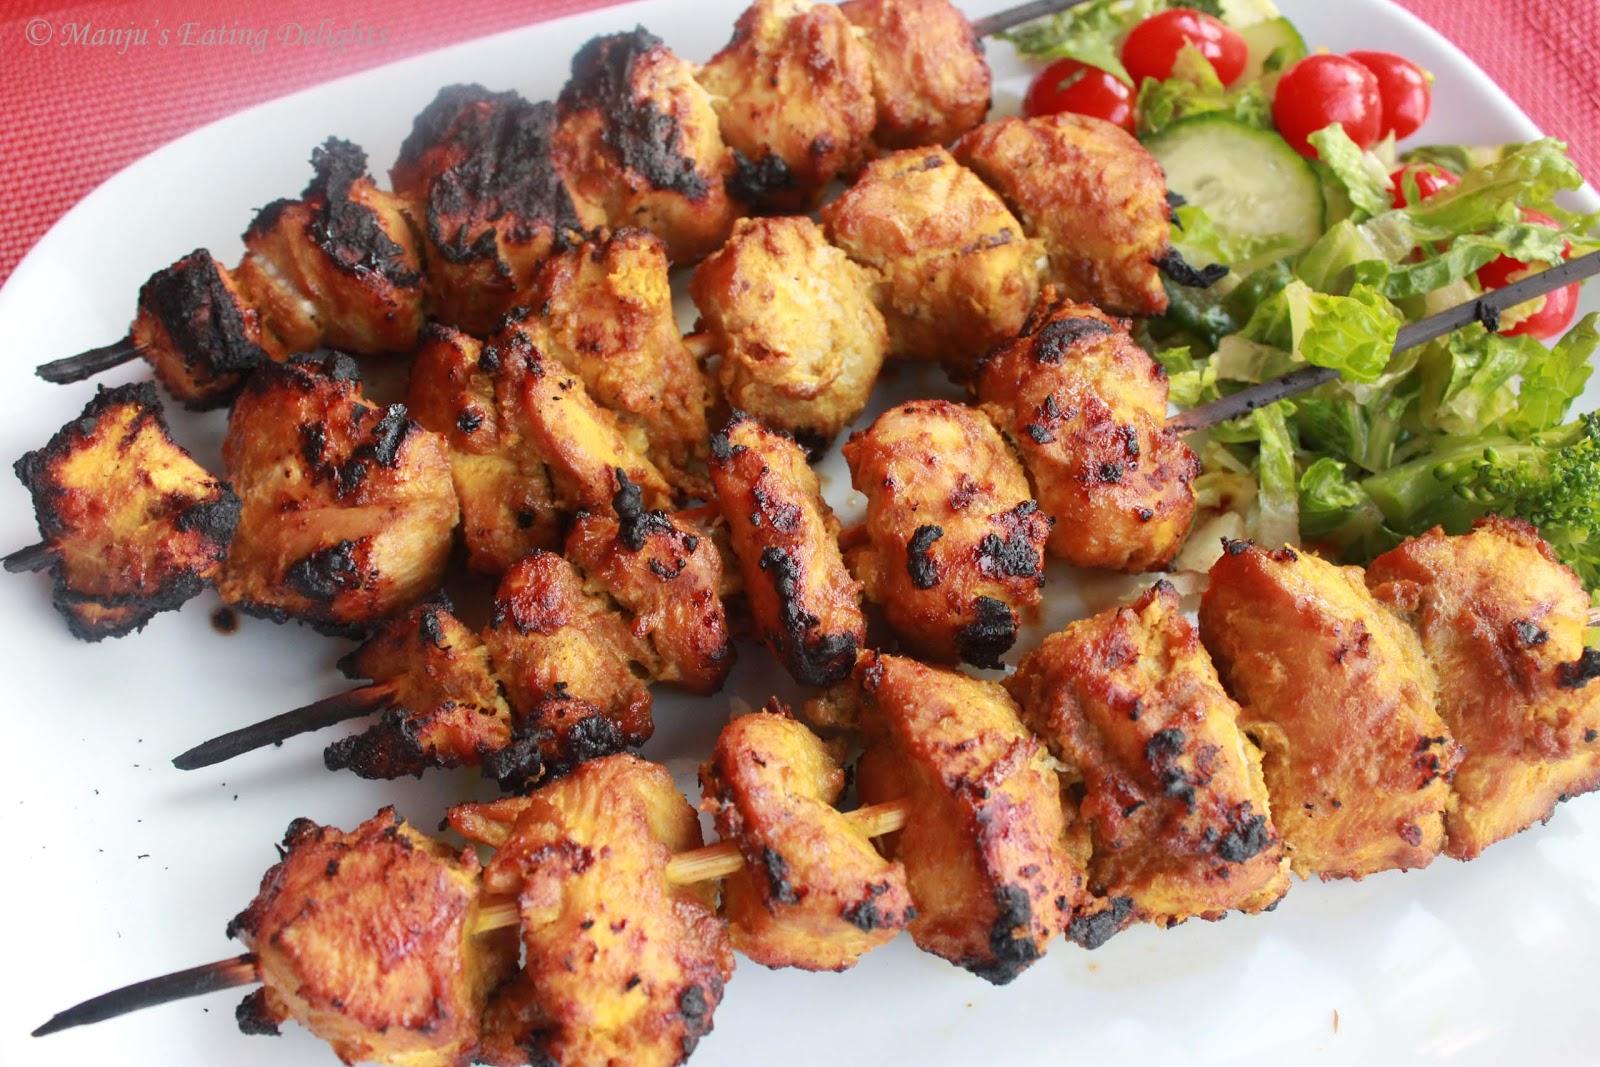 Manju's Eating Delights: Grilled Chicken Satay Kebabs